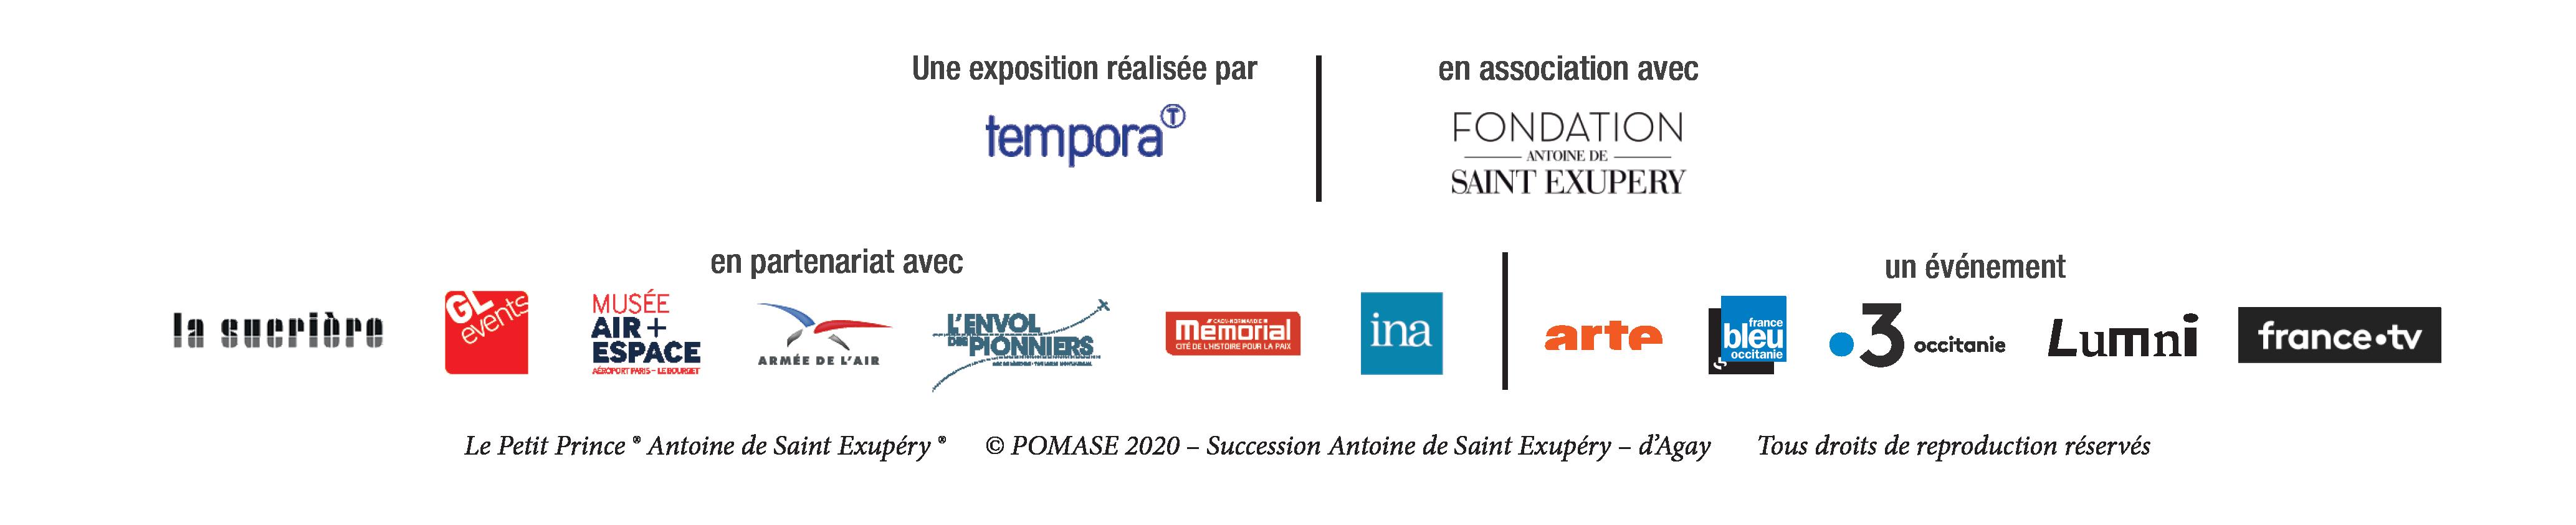 Partenaires_Expo_Saint_Exupery